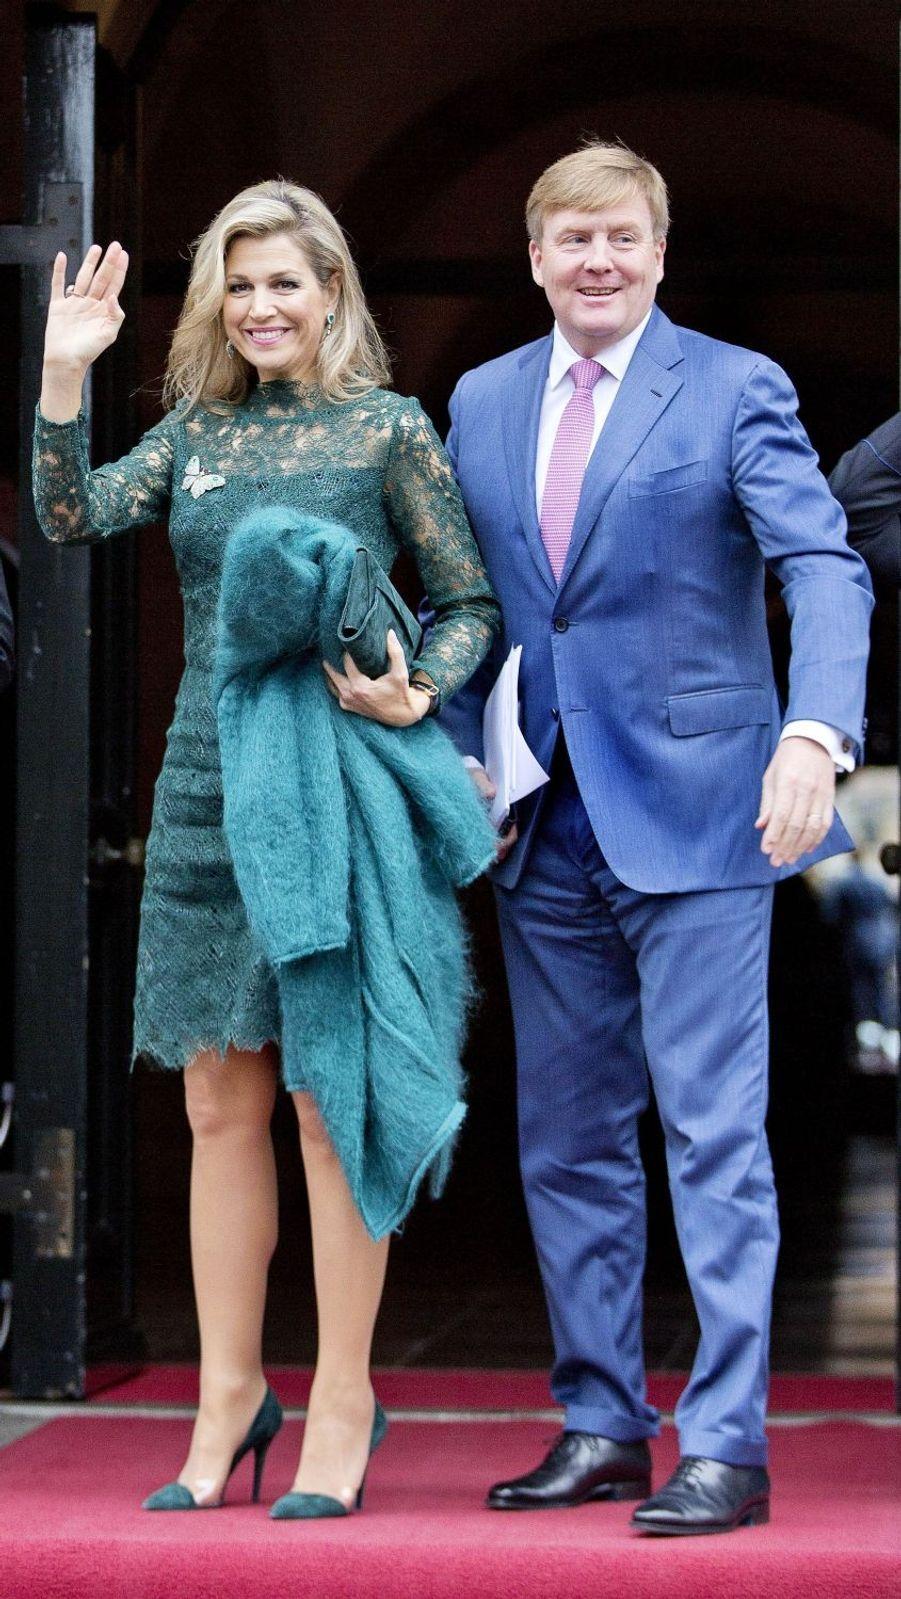 La reine Maxima et le roi Willem-Alexander des Pays-Bas à leur arrivée au Palais royal à Amsterdam, le 6 décembre 2017